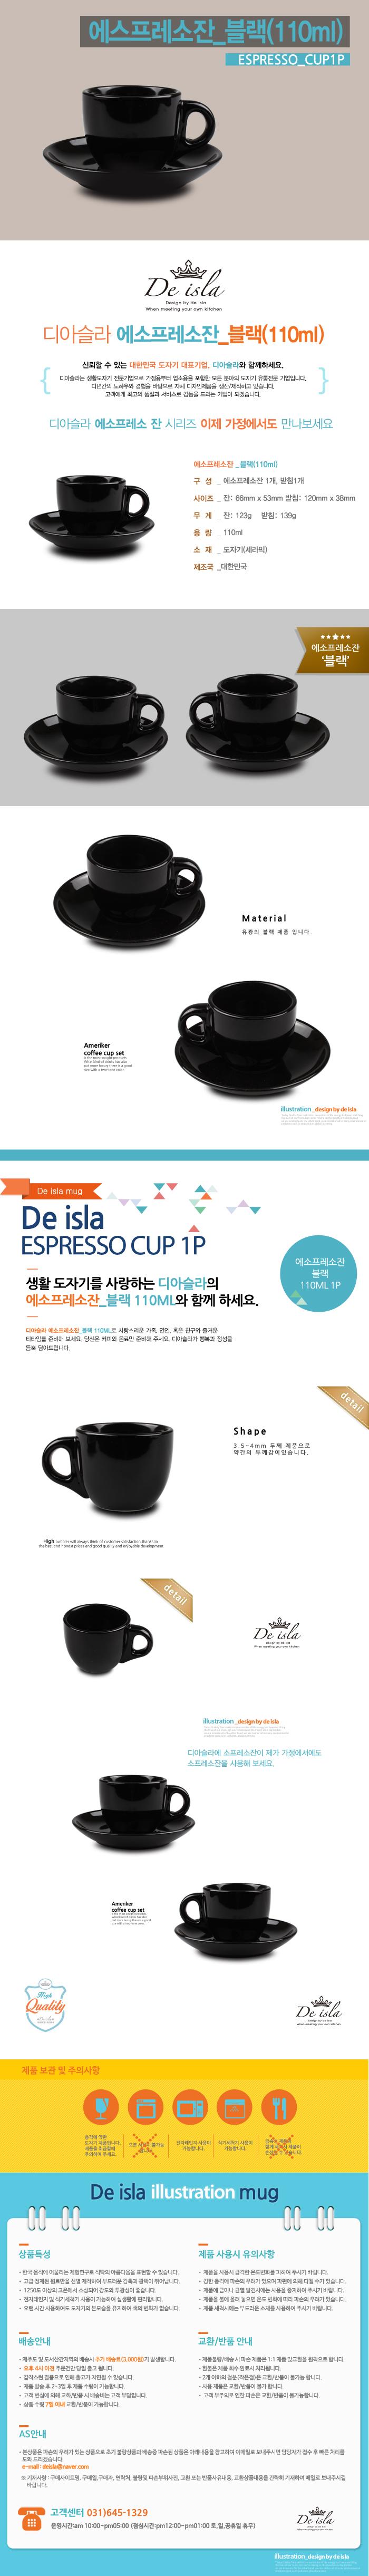 에스프레소잔_블랙(110ml) - 디아슬라, 3,900원, 커피잔/찻잔, 커피잔/찻잔